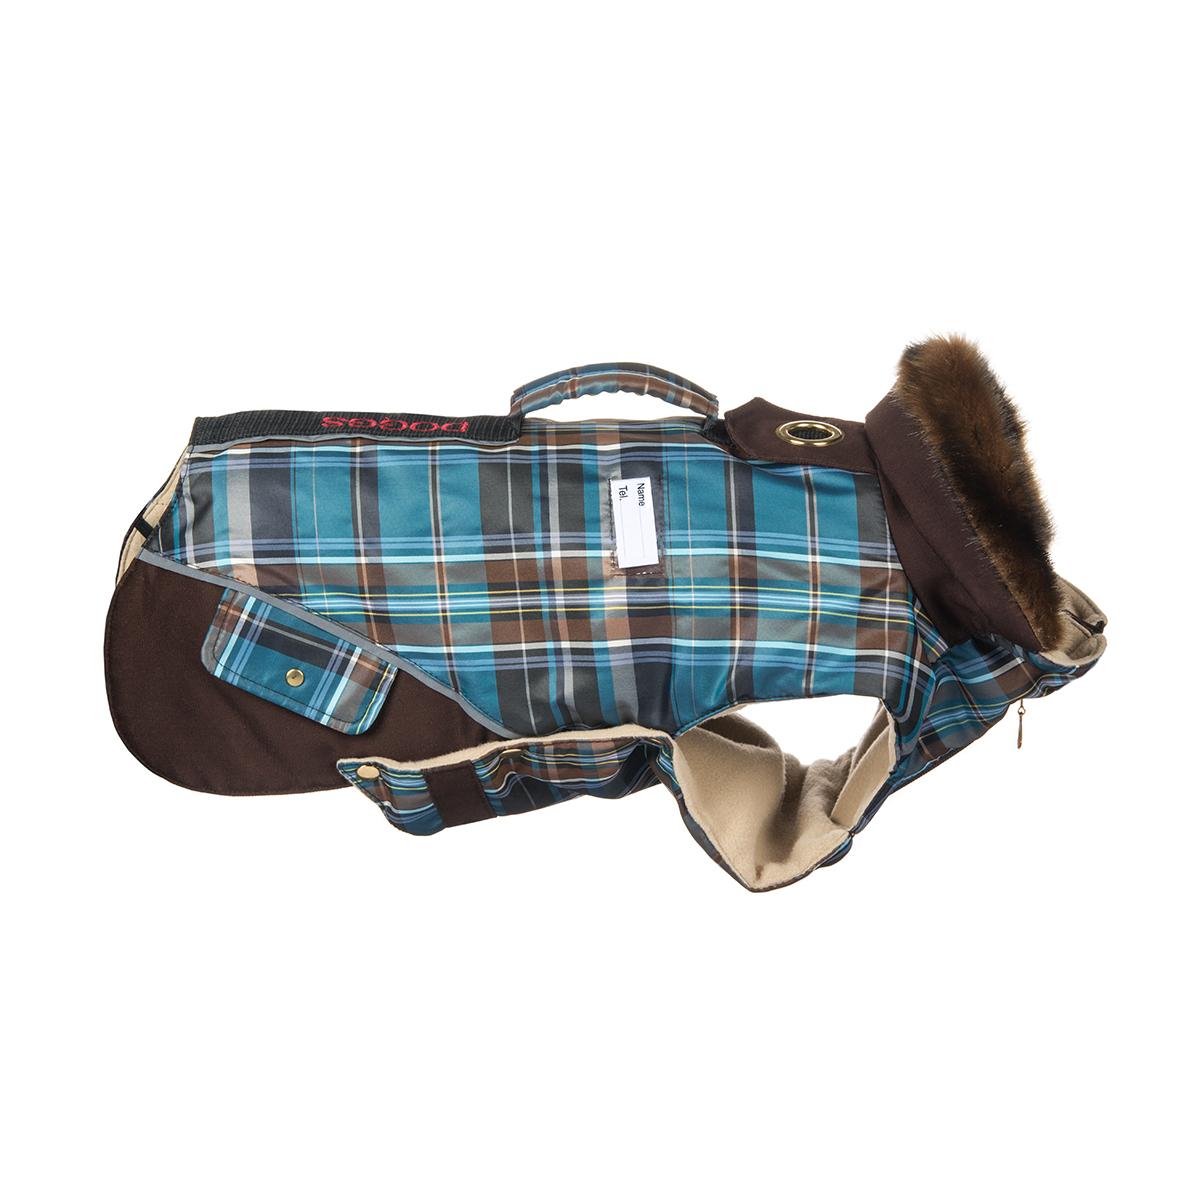 Попона для собак Dogmoda Doggs, для мальчика, цвет: синий, коричневый. Размер LDM-140548Теплая попона для собак Dogmoda Doggs отлично подойдет для прогулок в холодное время года. Попона изготовлена из водоотталкивающего полиэстера, защищающего от ветра и осадков, с утеплителем из синтепона, который сохранит тепло даже в сильные морозы, а на подкладке используется флис, который отлично сохраняет тепло и обеспечивает воздухообмен. Попона оснащена прорезями для ног и застегивается на кнопки, а высокий ворот с расширителем имеет застежку-молнию и кнопку, благодаря чему ее легко надевать и снимать. Ворот украшен искусственным мехом. На животе попона затягивается на шнурок-кулиску с зажимом. Спинка декорирована вышитой надписью Doggs, оснащена светоотражающими элементами и ручкой. Модель снабжена непромокаемым карманом для размещения записки с информацией о вашем питомце, на случай если он потеряется.Благодаря такой попоне питомцу будет тепло и комфортно в любое время года.Попона подходит для собак следующих пород: - шарпей- лайка- австралийская овчарка- колли- бордер колли- американский стаффордширский терьер- английский бультерьер- американский бульдог.Одежда для собак: нужна ли она и как её выбрать. Статья OZON Гид